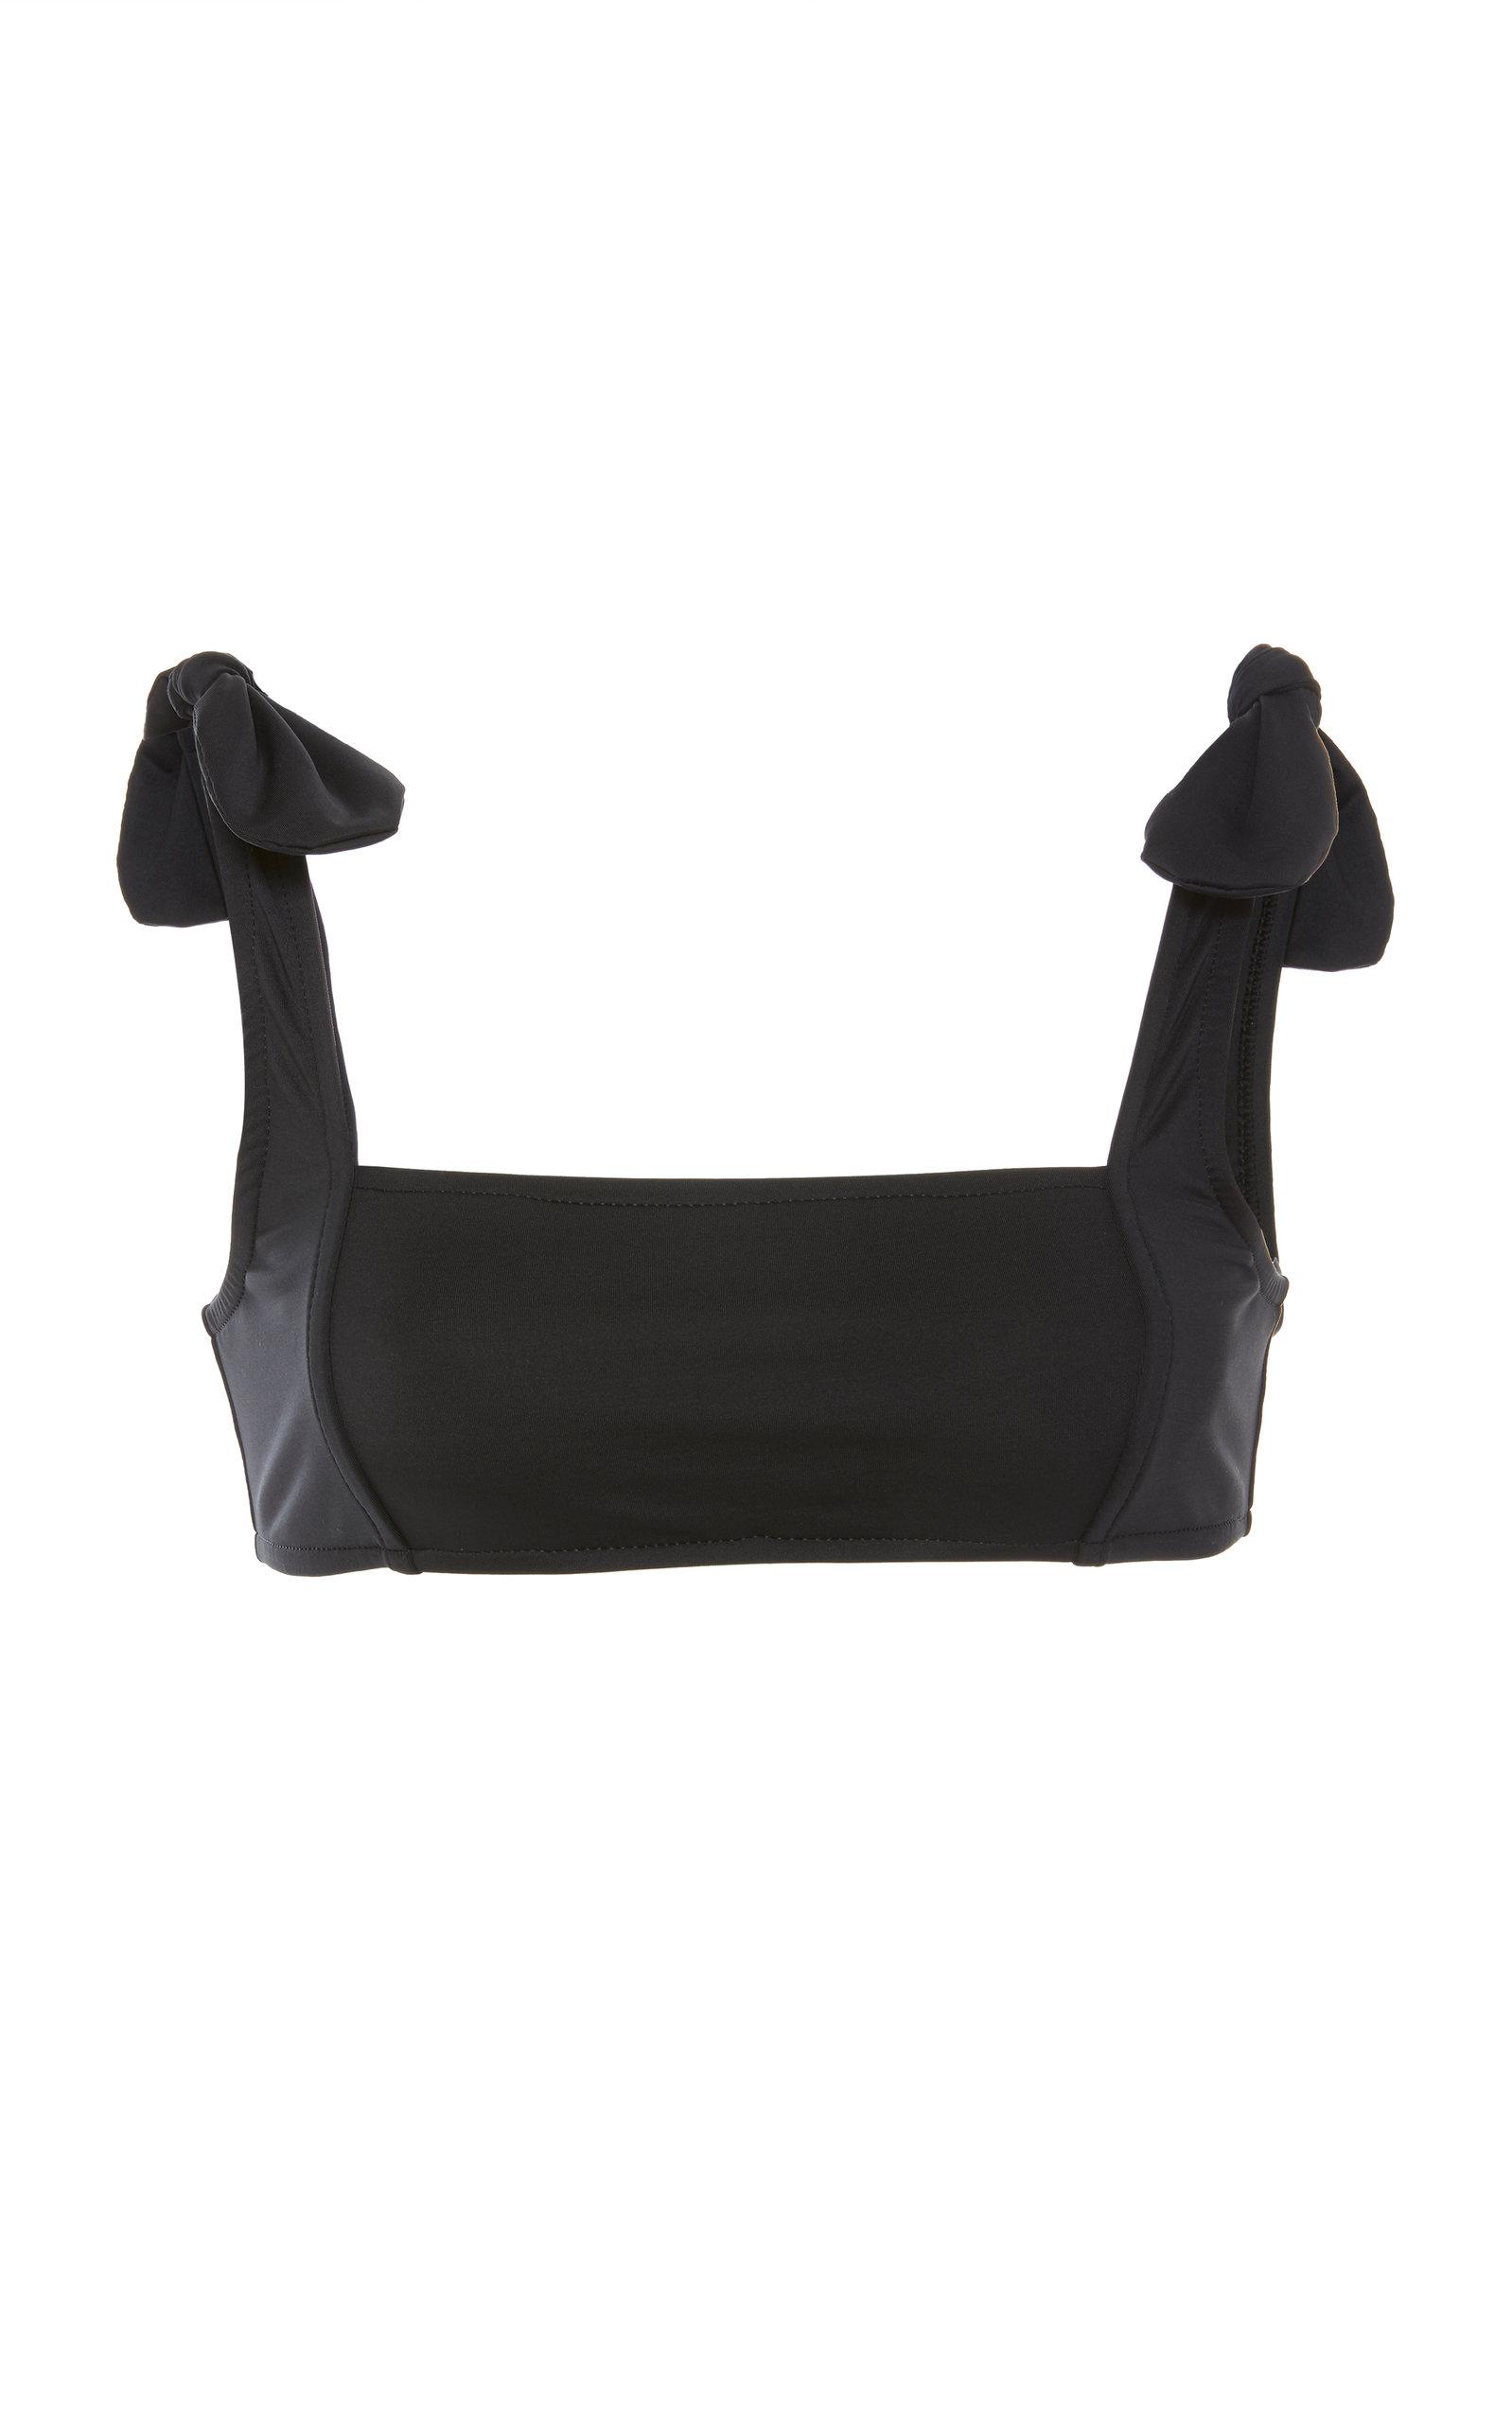 VERDELIMON Morioka Square Neck Bikini Top in Black